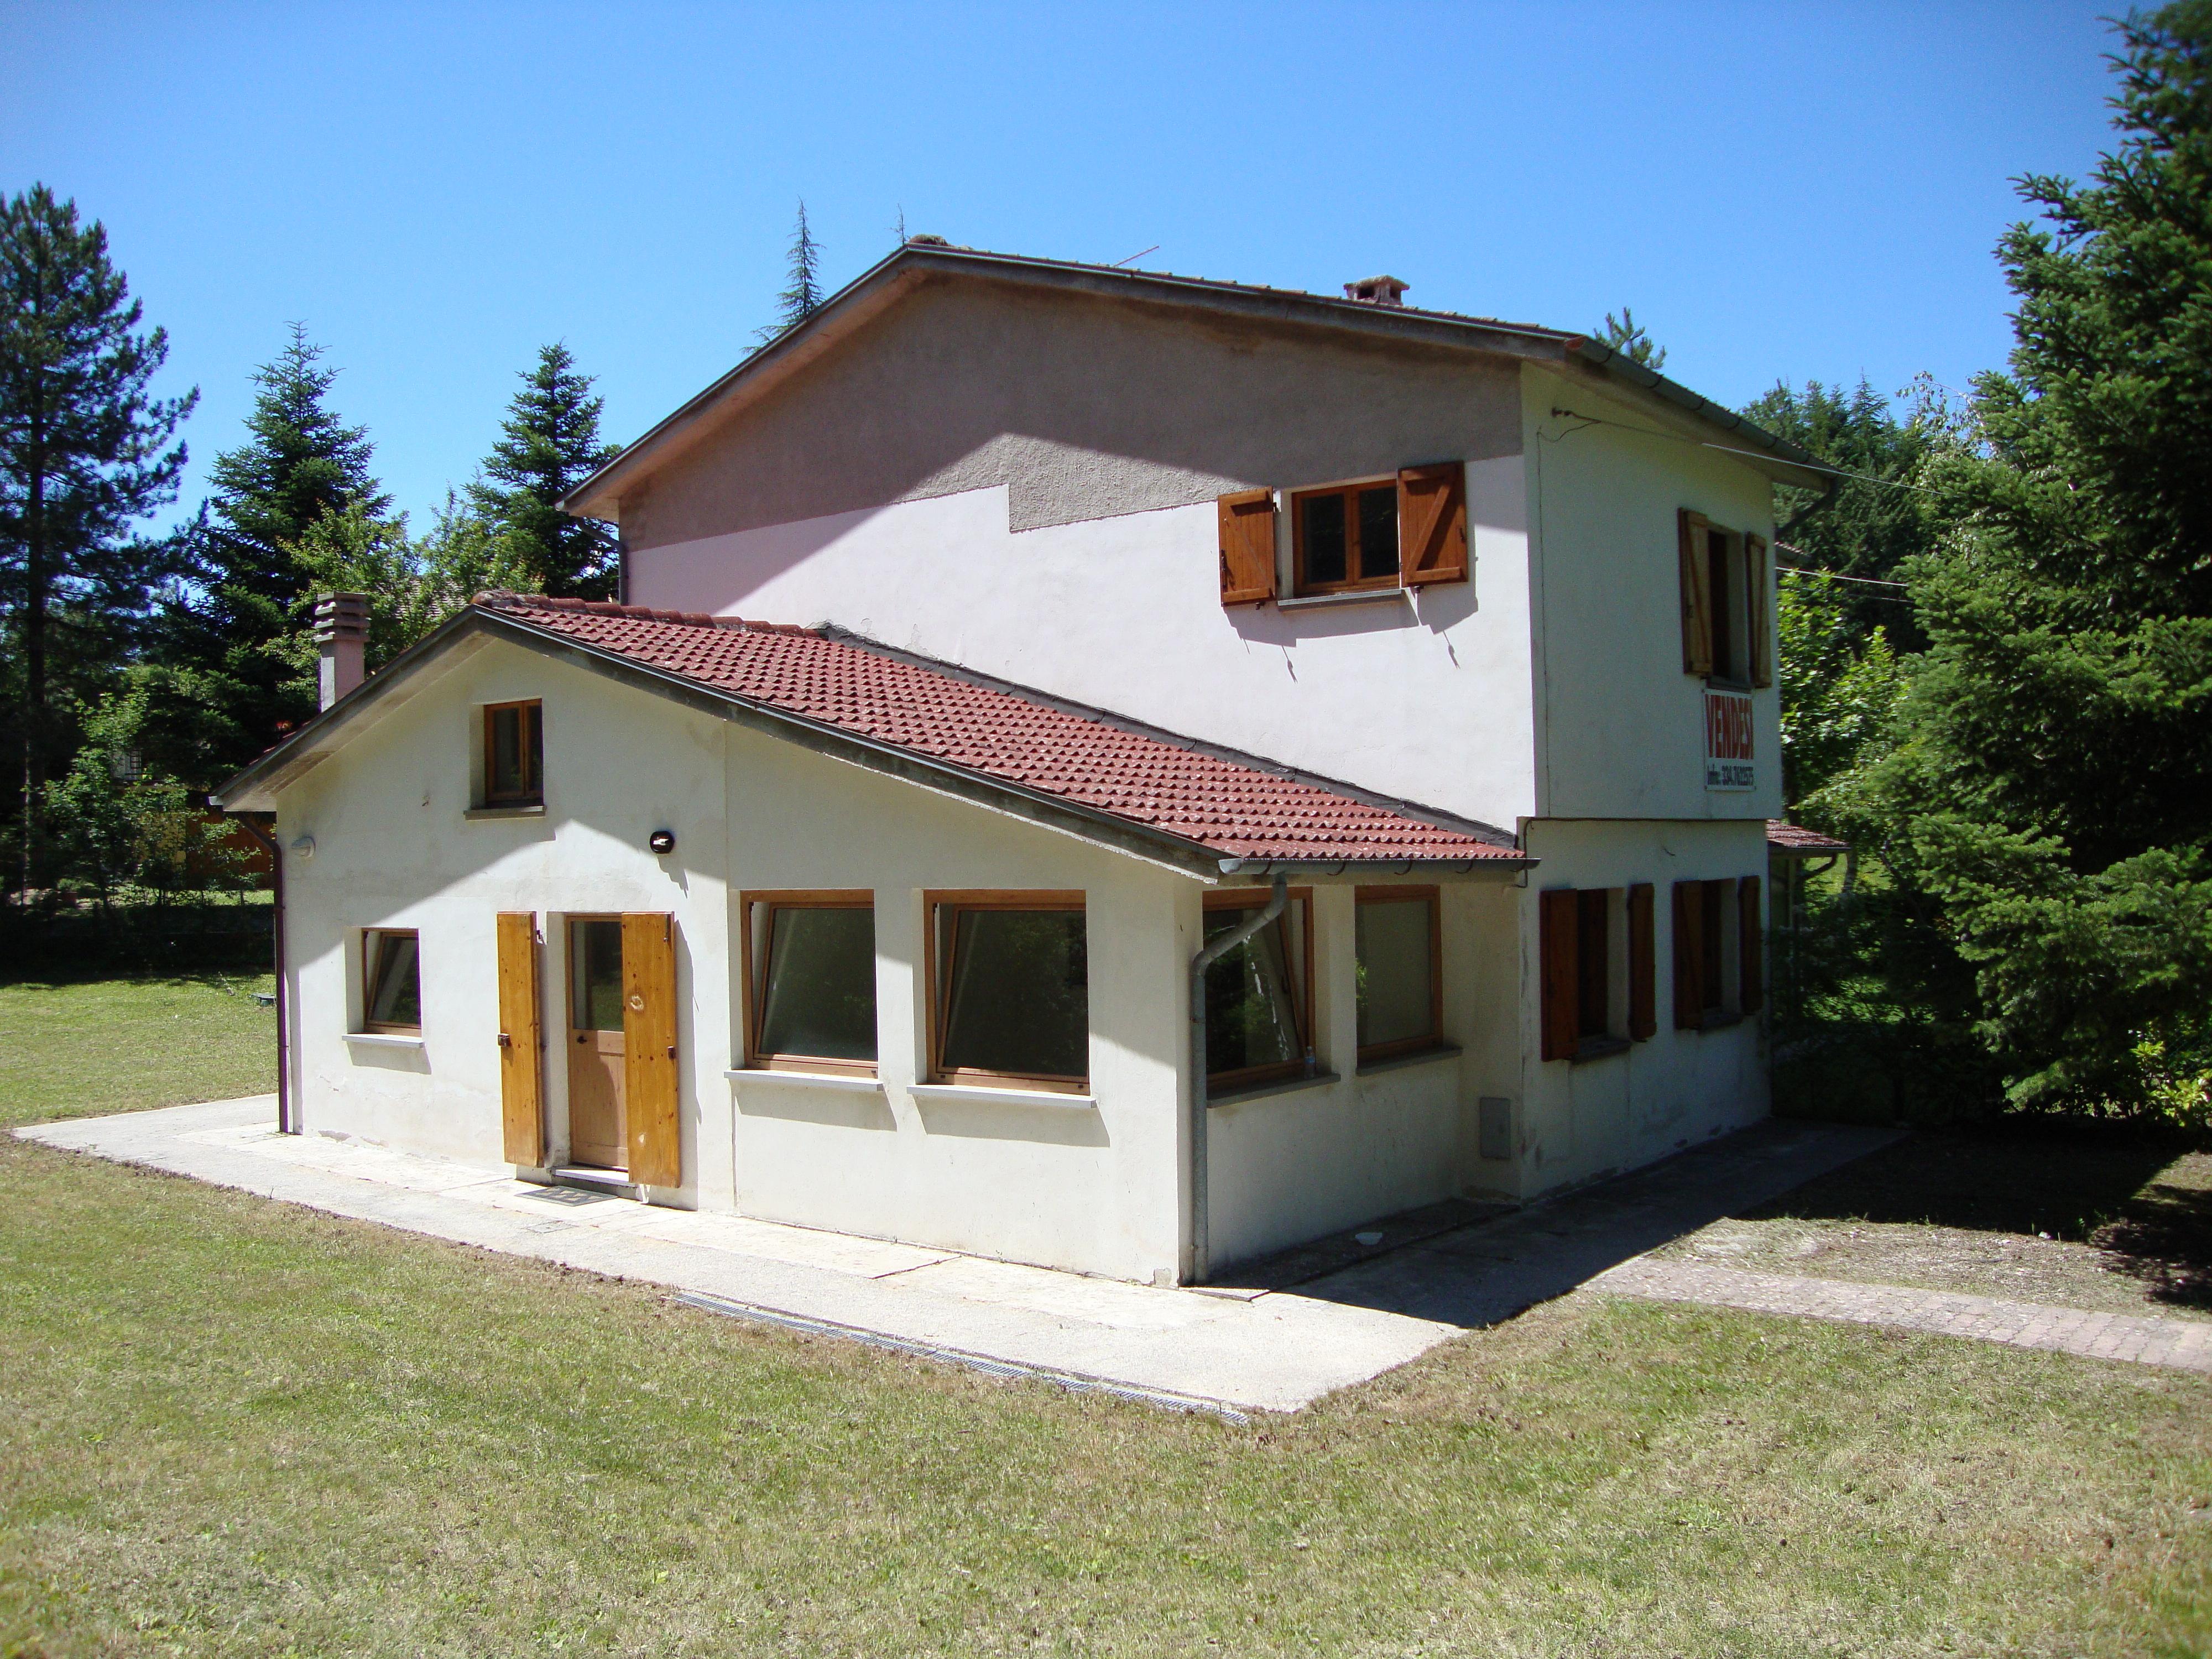 Vendita casa indipendente serravalle di carda pesaro e for Casa 750 piedi quadrati